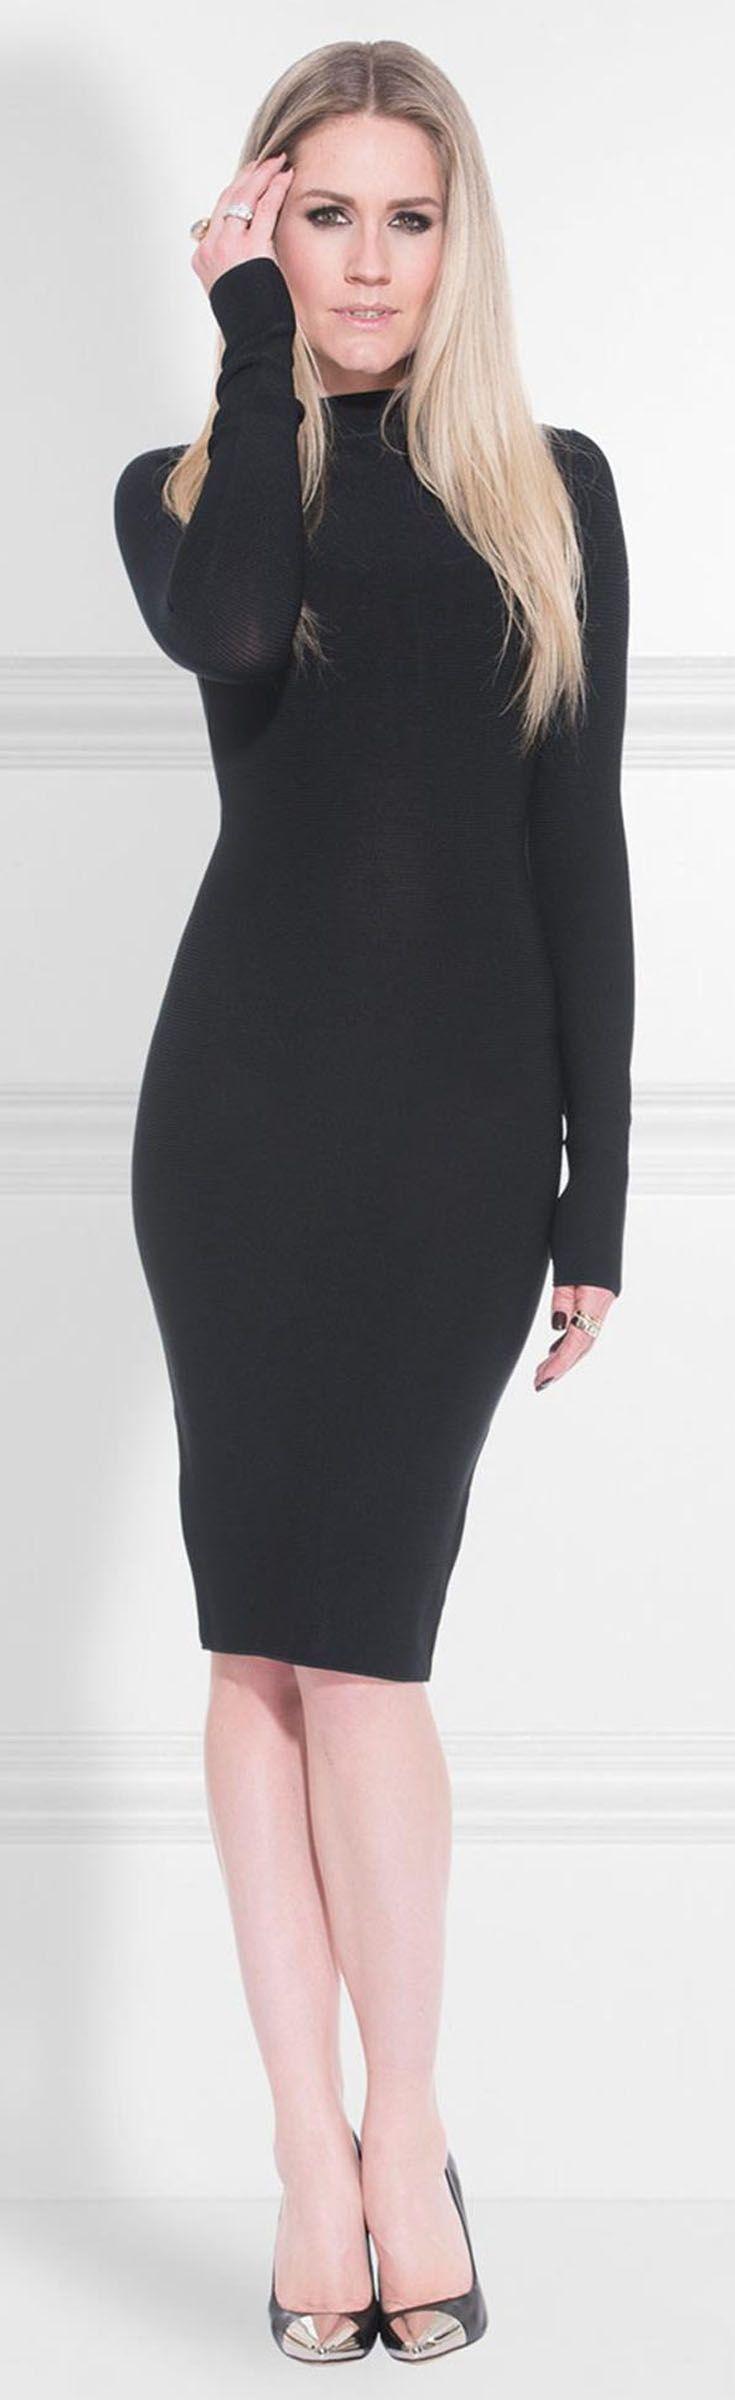 Nikkie jurk Jaleesa Dress. Uni aansluitende jurk met rits aan de achterzijde. Draag hem met stoere boots voor overdag en in de avonden met een high heel. Little Black Dress  - LBD.